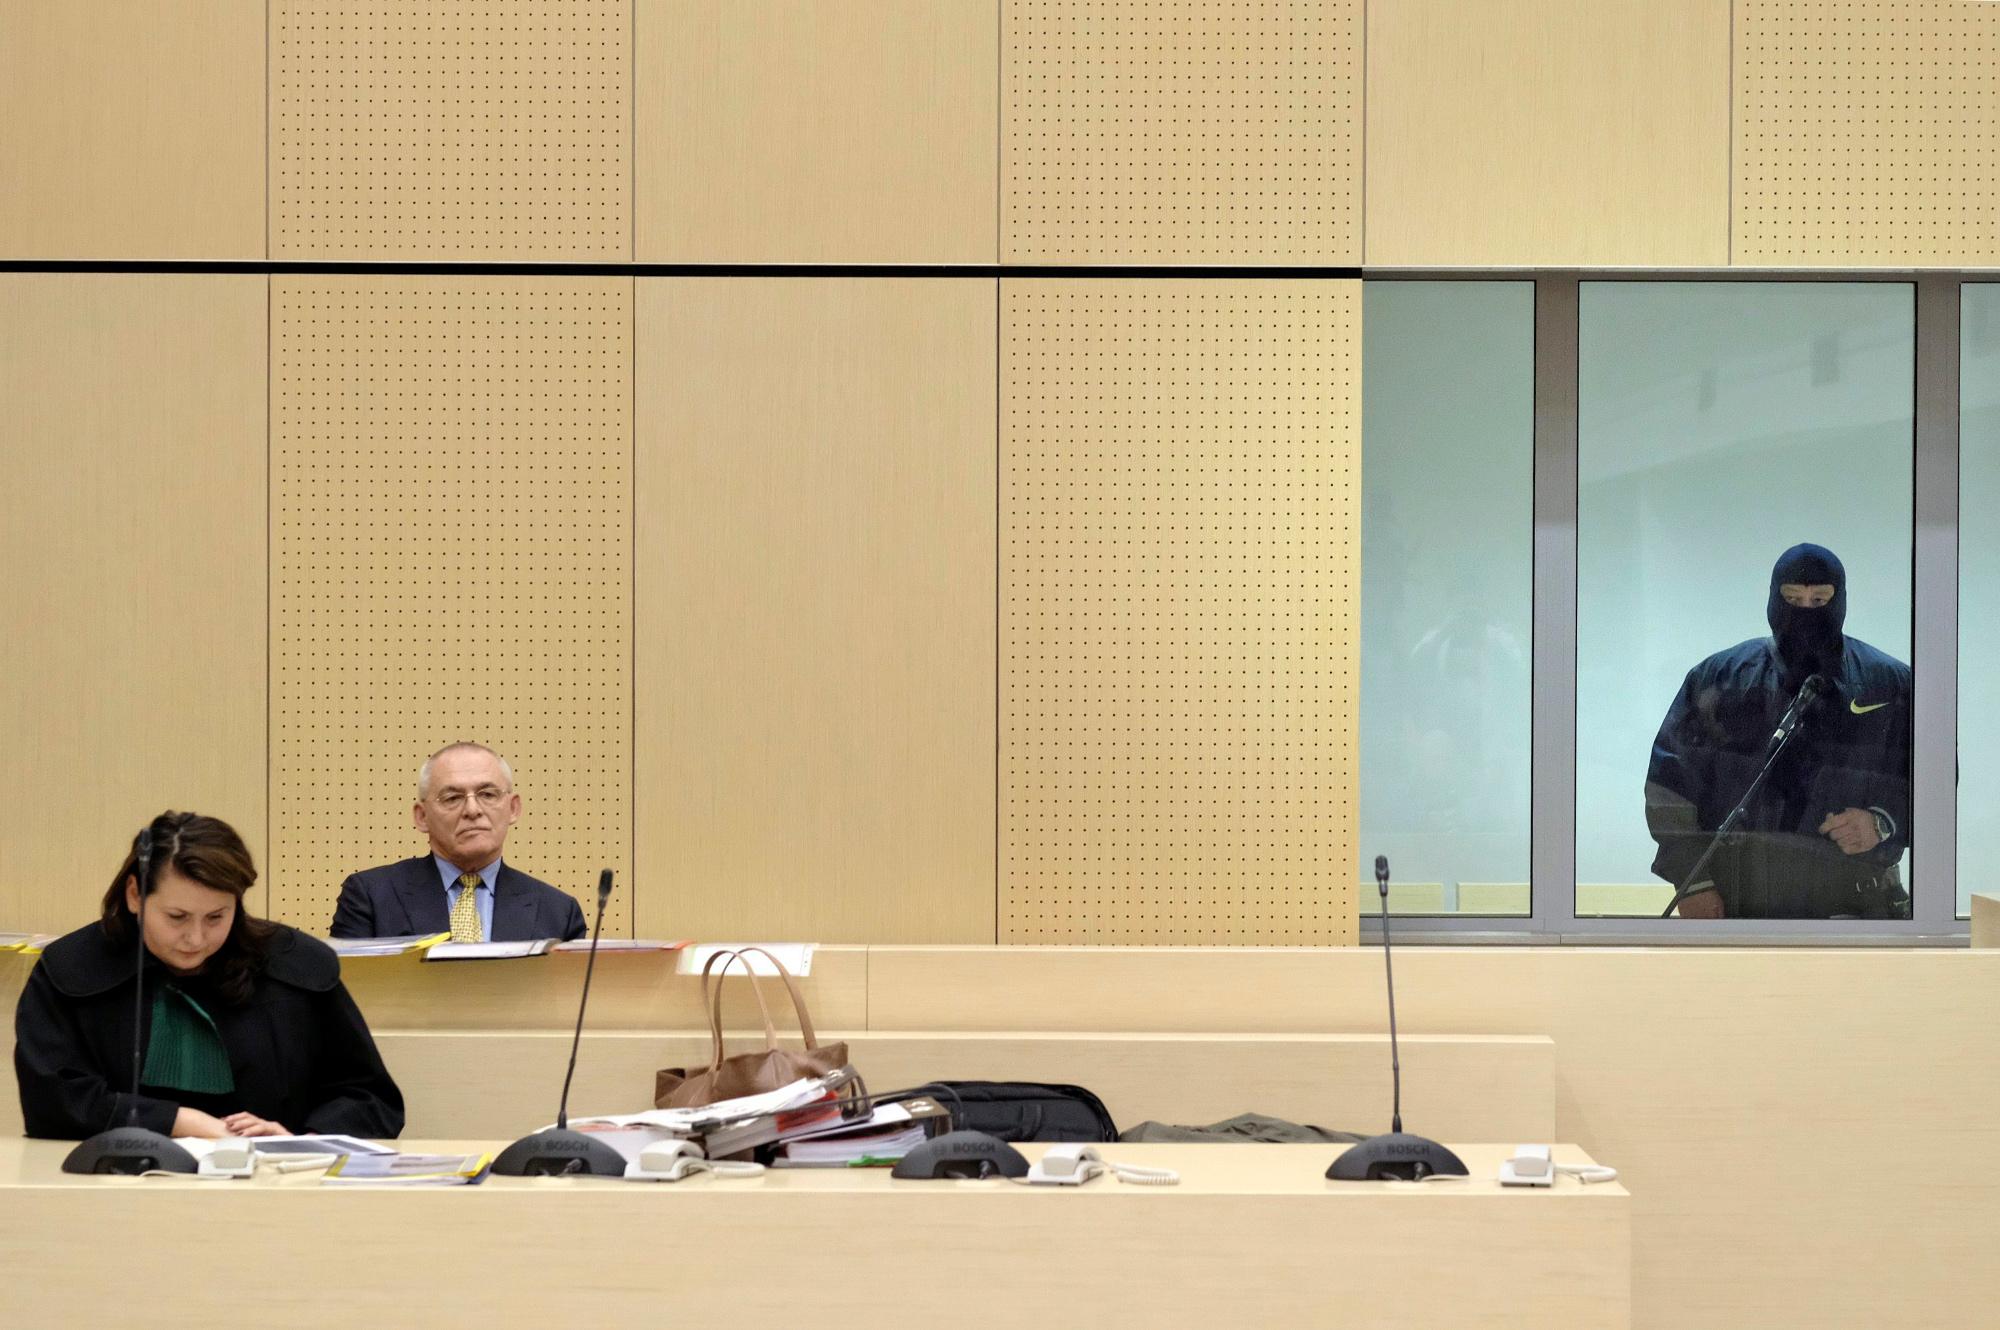 Jarosław Sokołowski 'Masa' zeznaje w procesie Aleksandra Gawronika, podejrzanego o podżeganie do zabójstwa dziennikarza Jarosława Ziętary. Marzec 2017 r. (fot. Piotr Skórnicki / Agencja Gazeta)